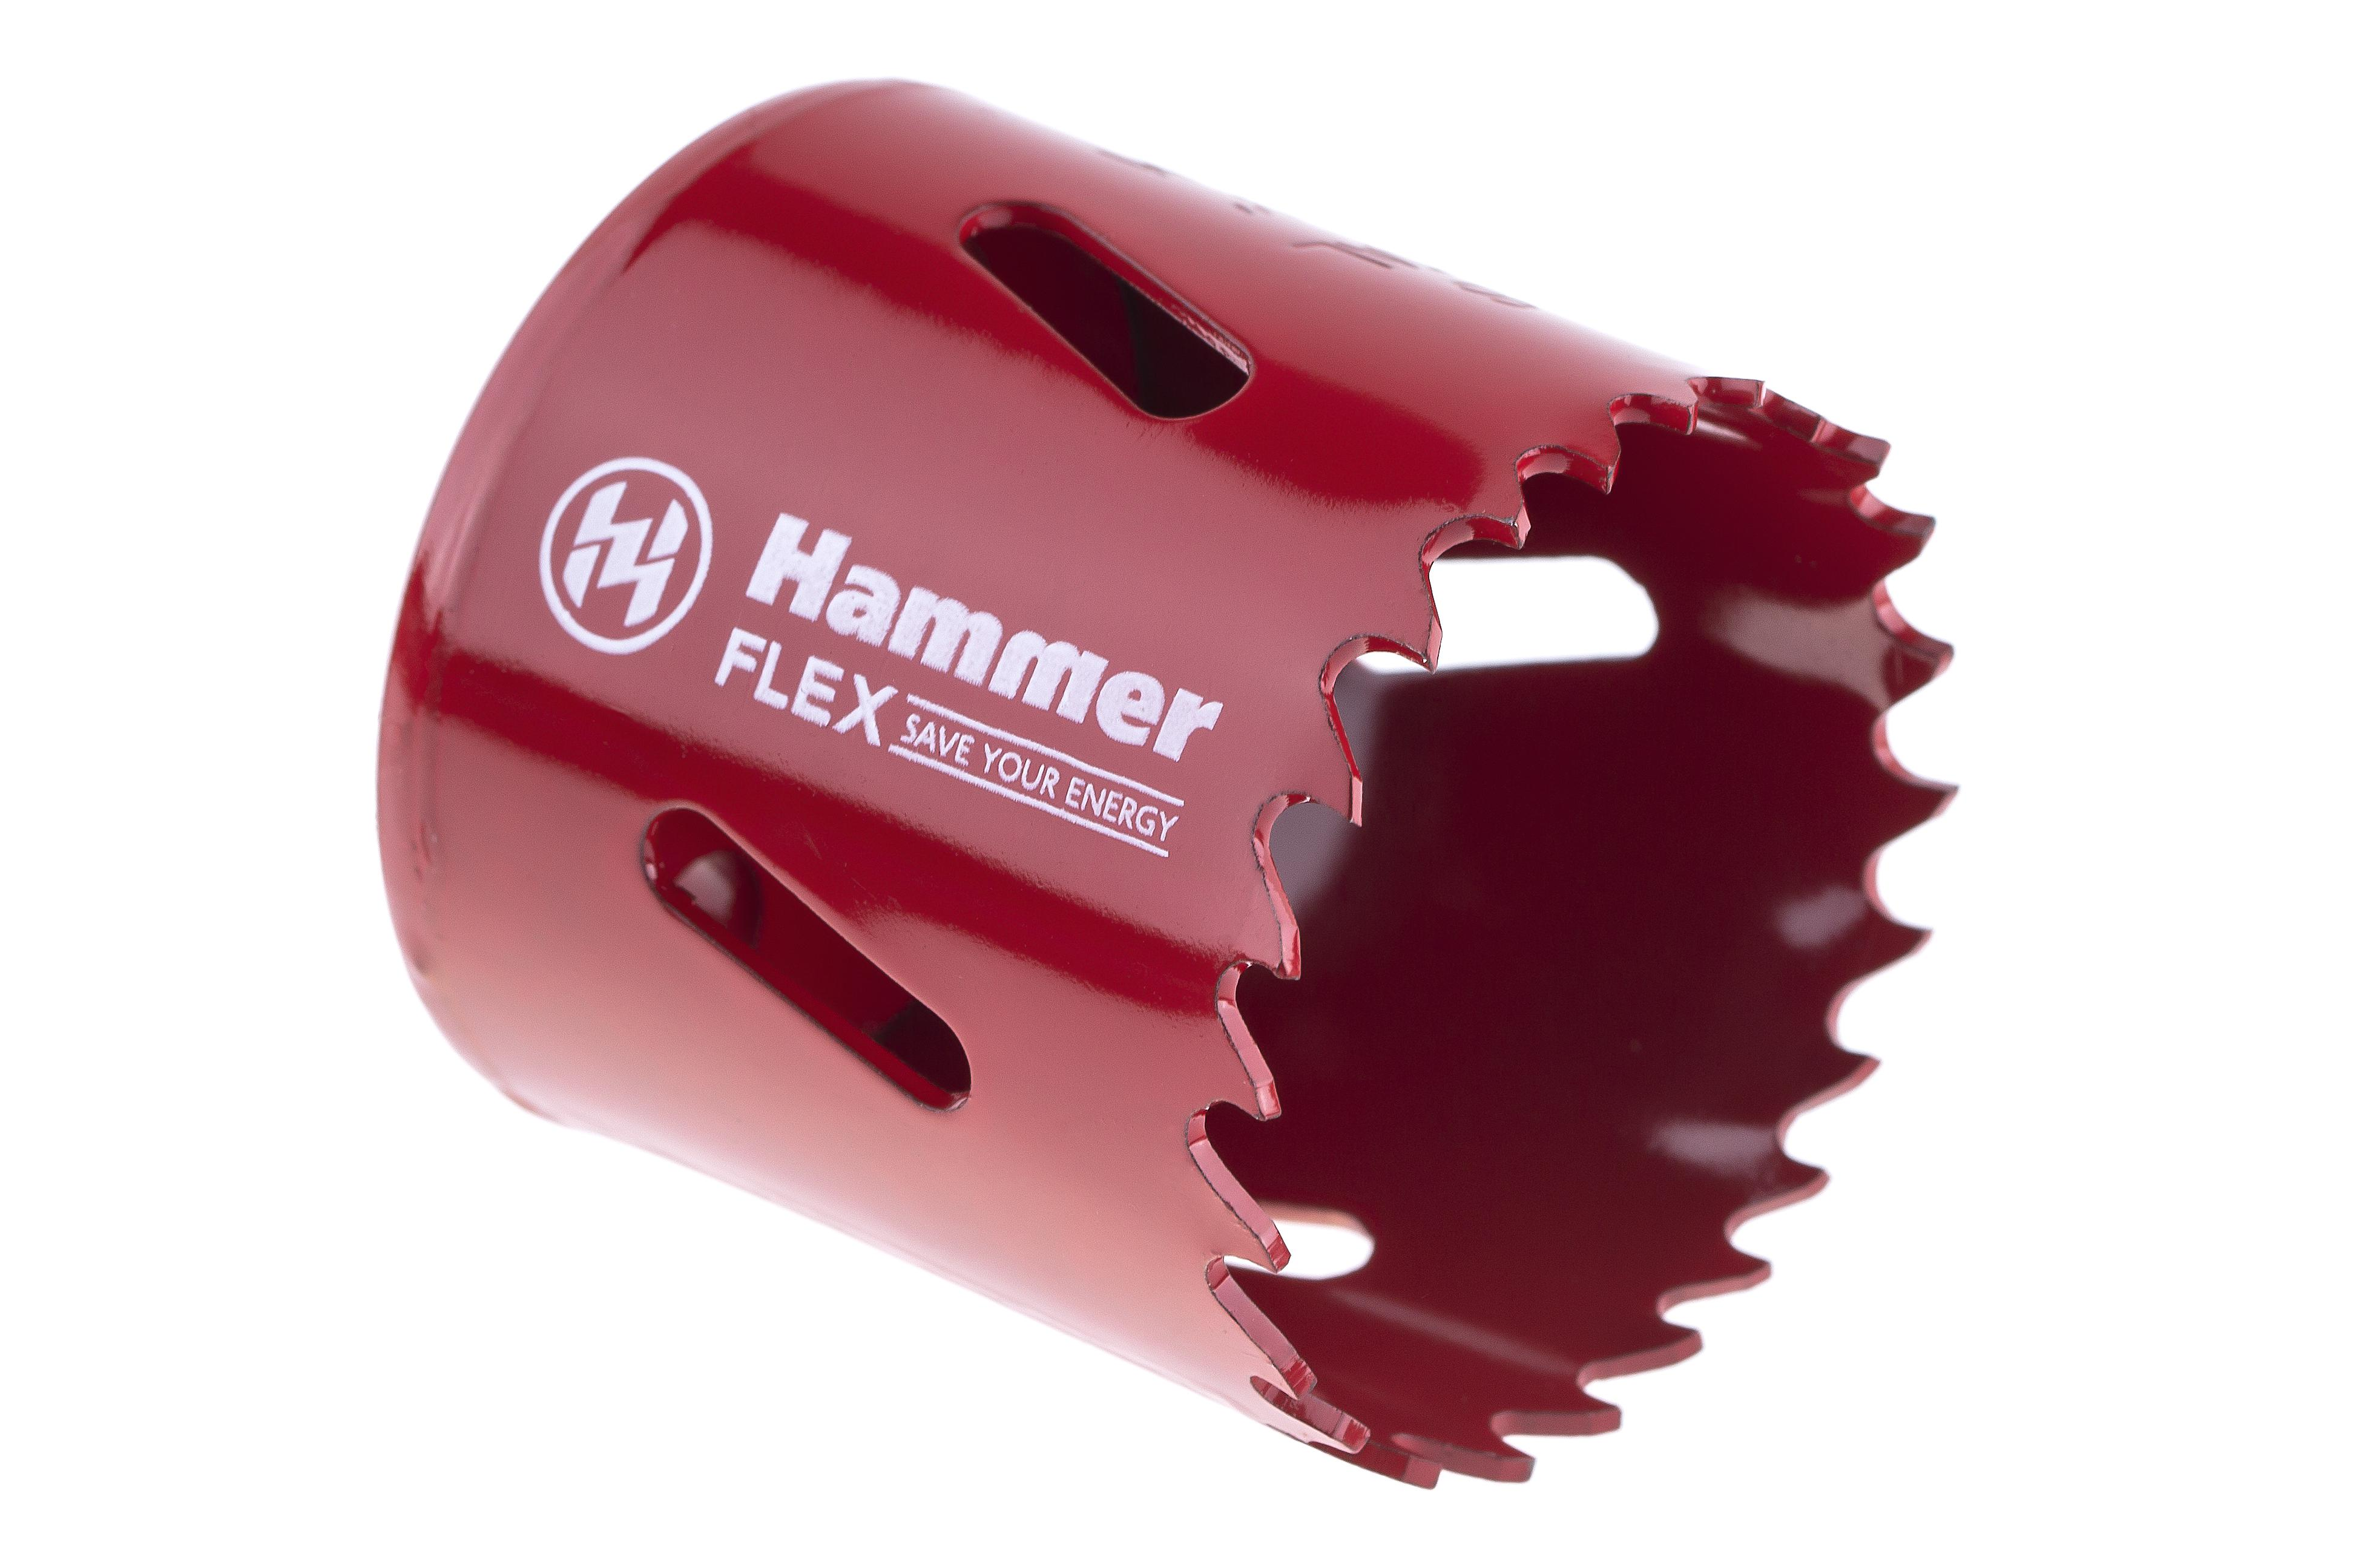 Коронка биметаллическая Hammer 224-009 bimetall 44 мм коронка биметаллическая hammer 224 011 bimetall 57 мм